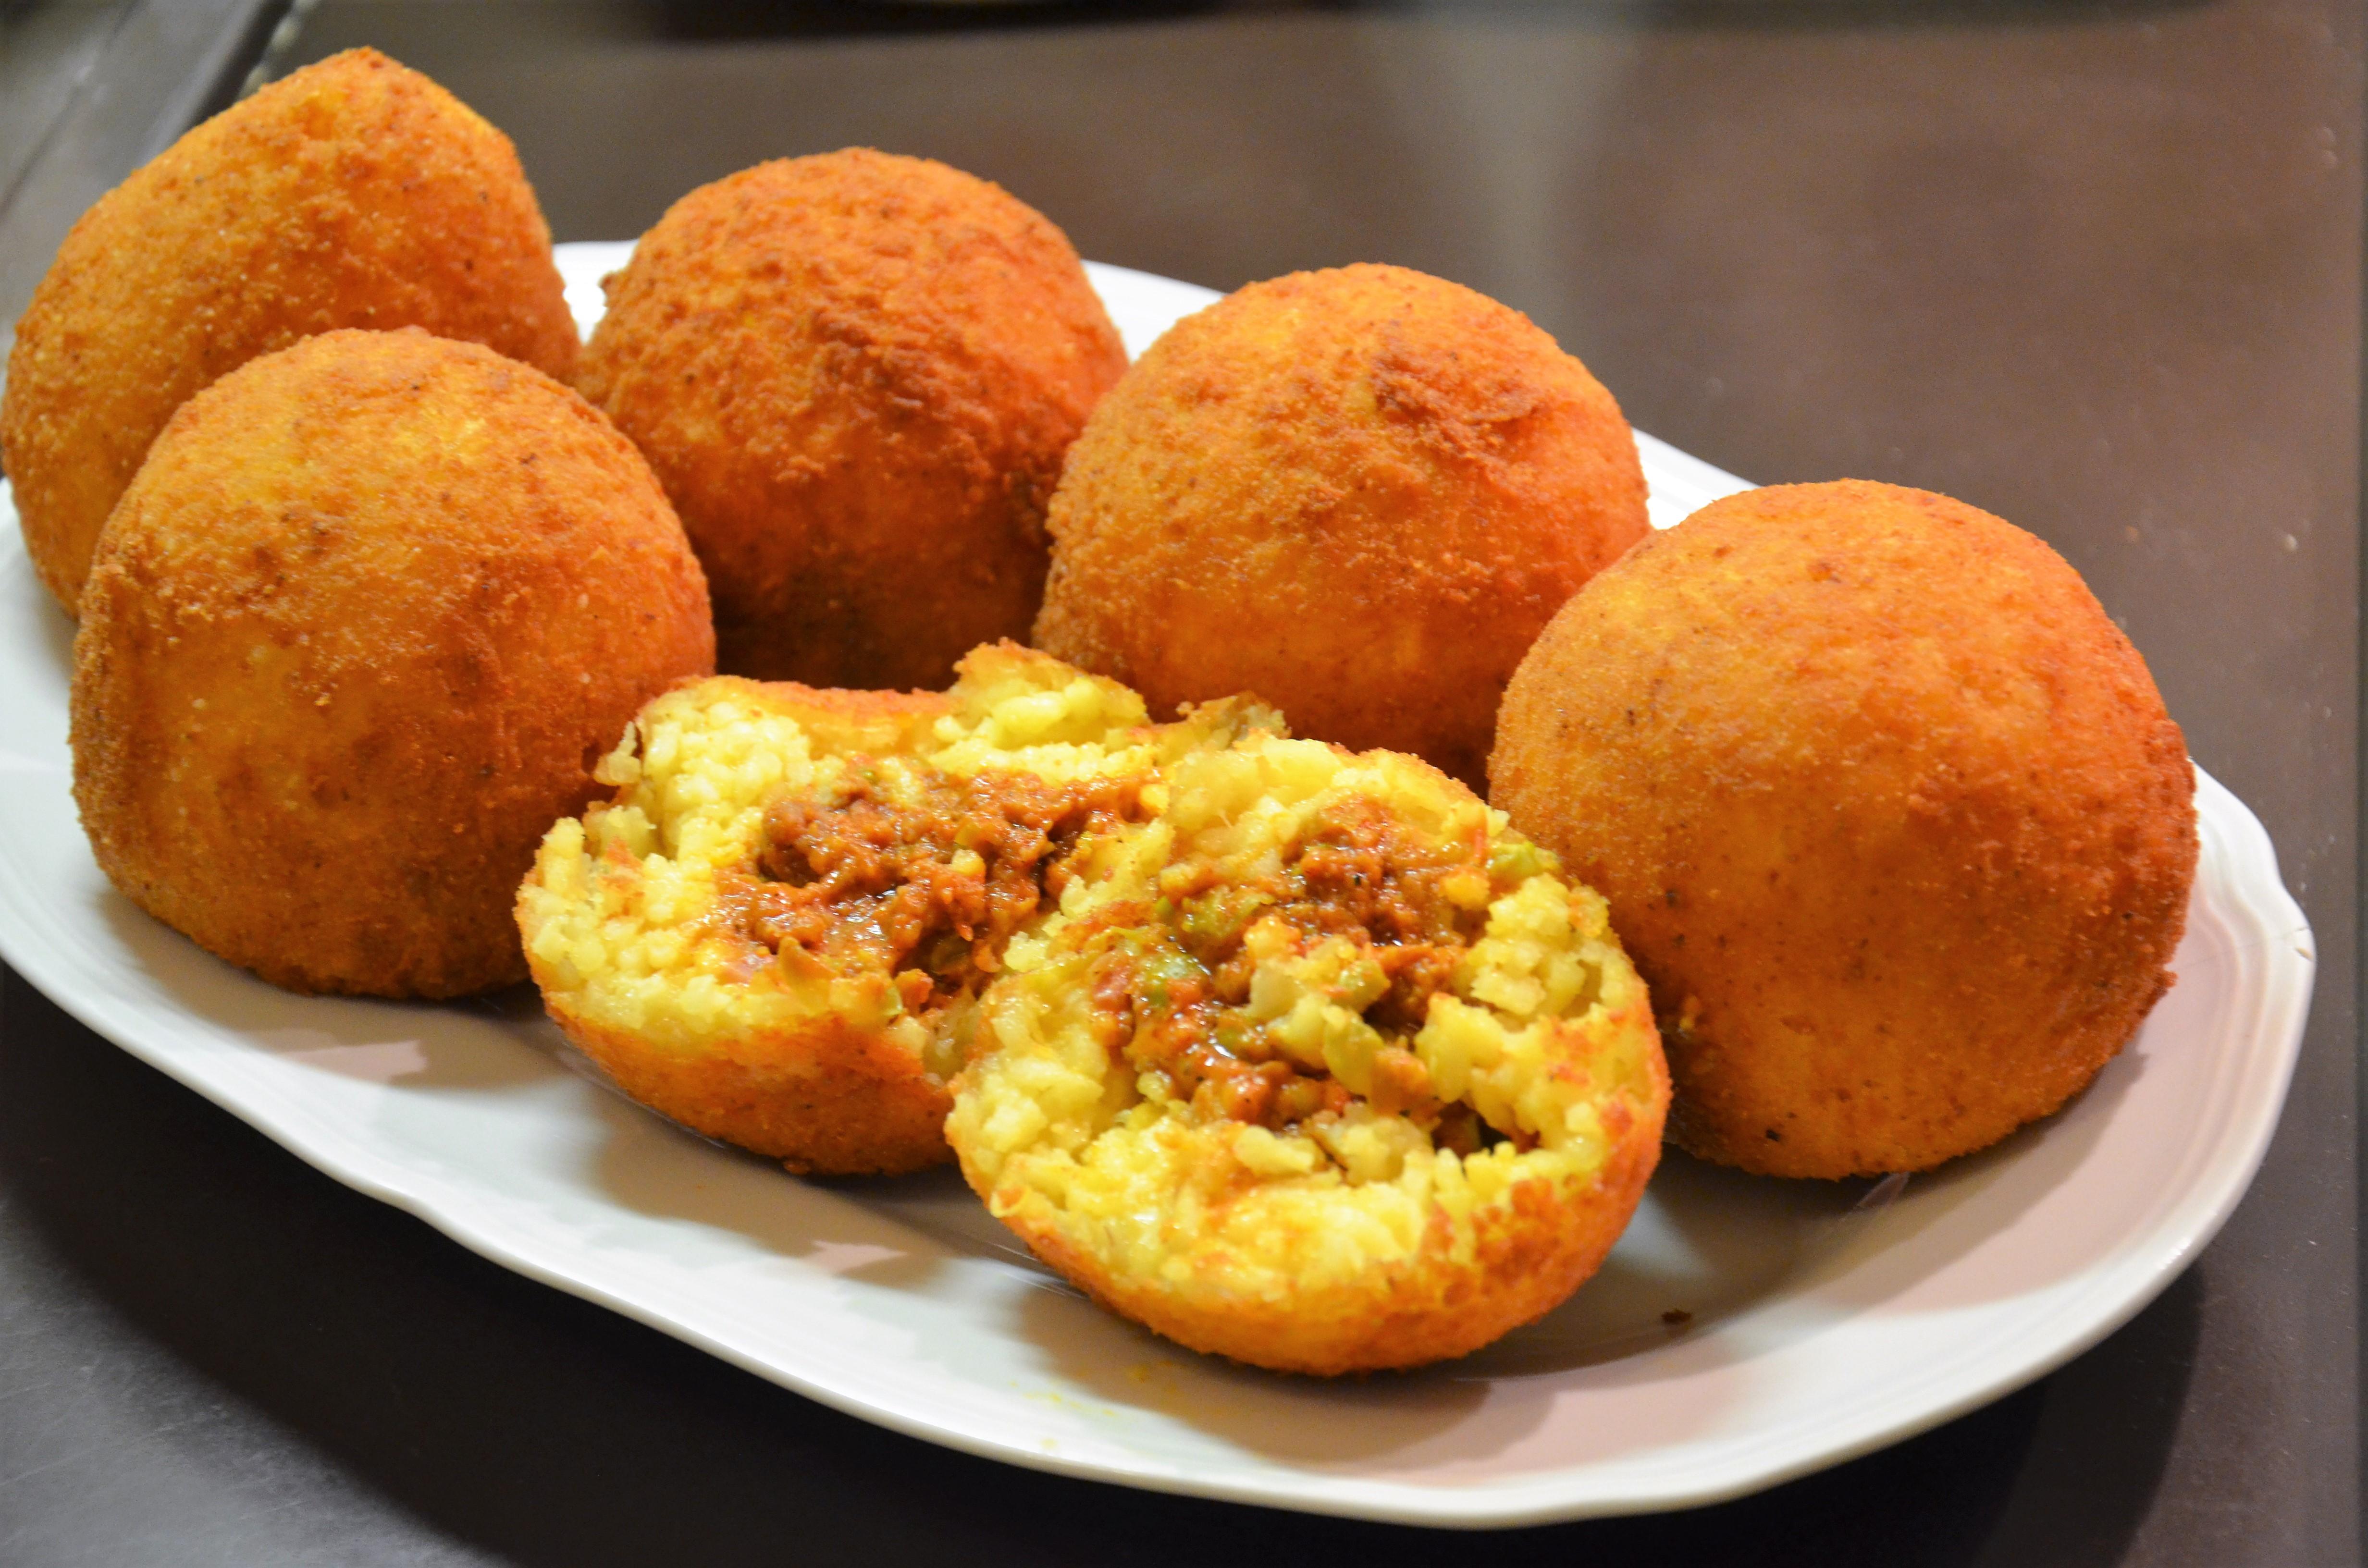 Рис & Co: готовим дома сицилийские «апельсинчики» из того, что под рукой!